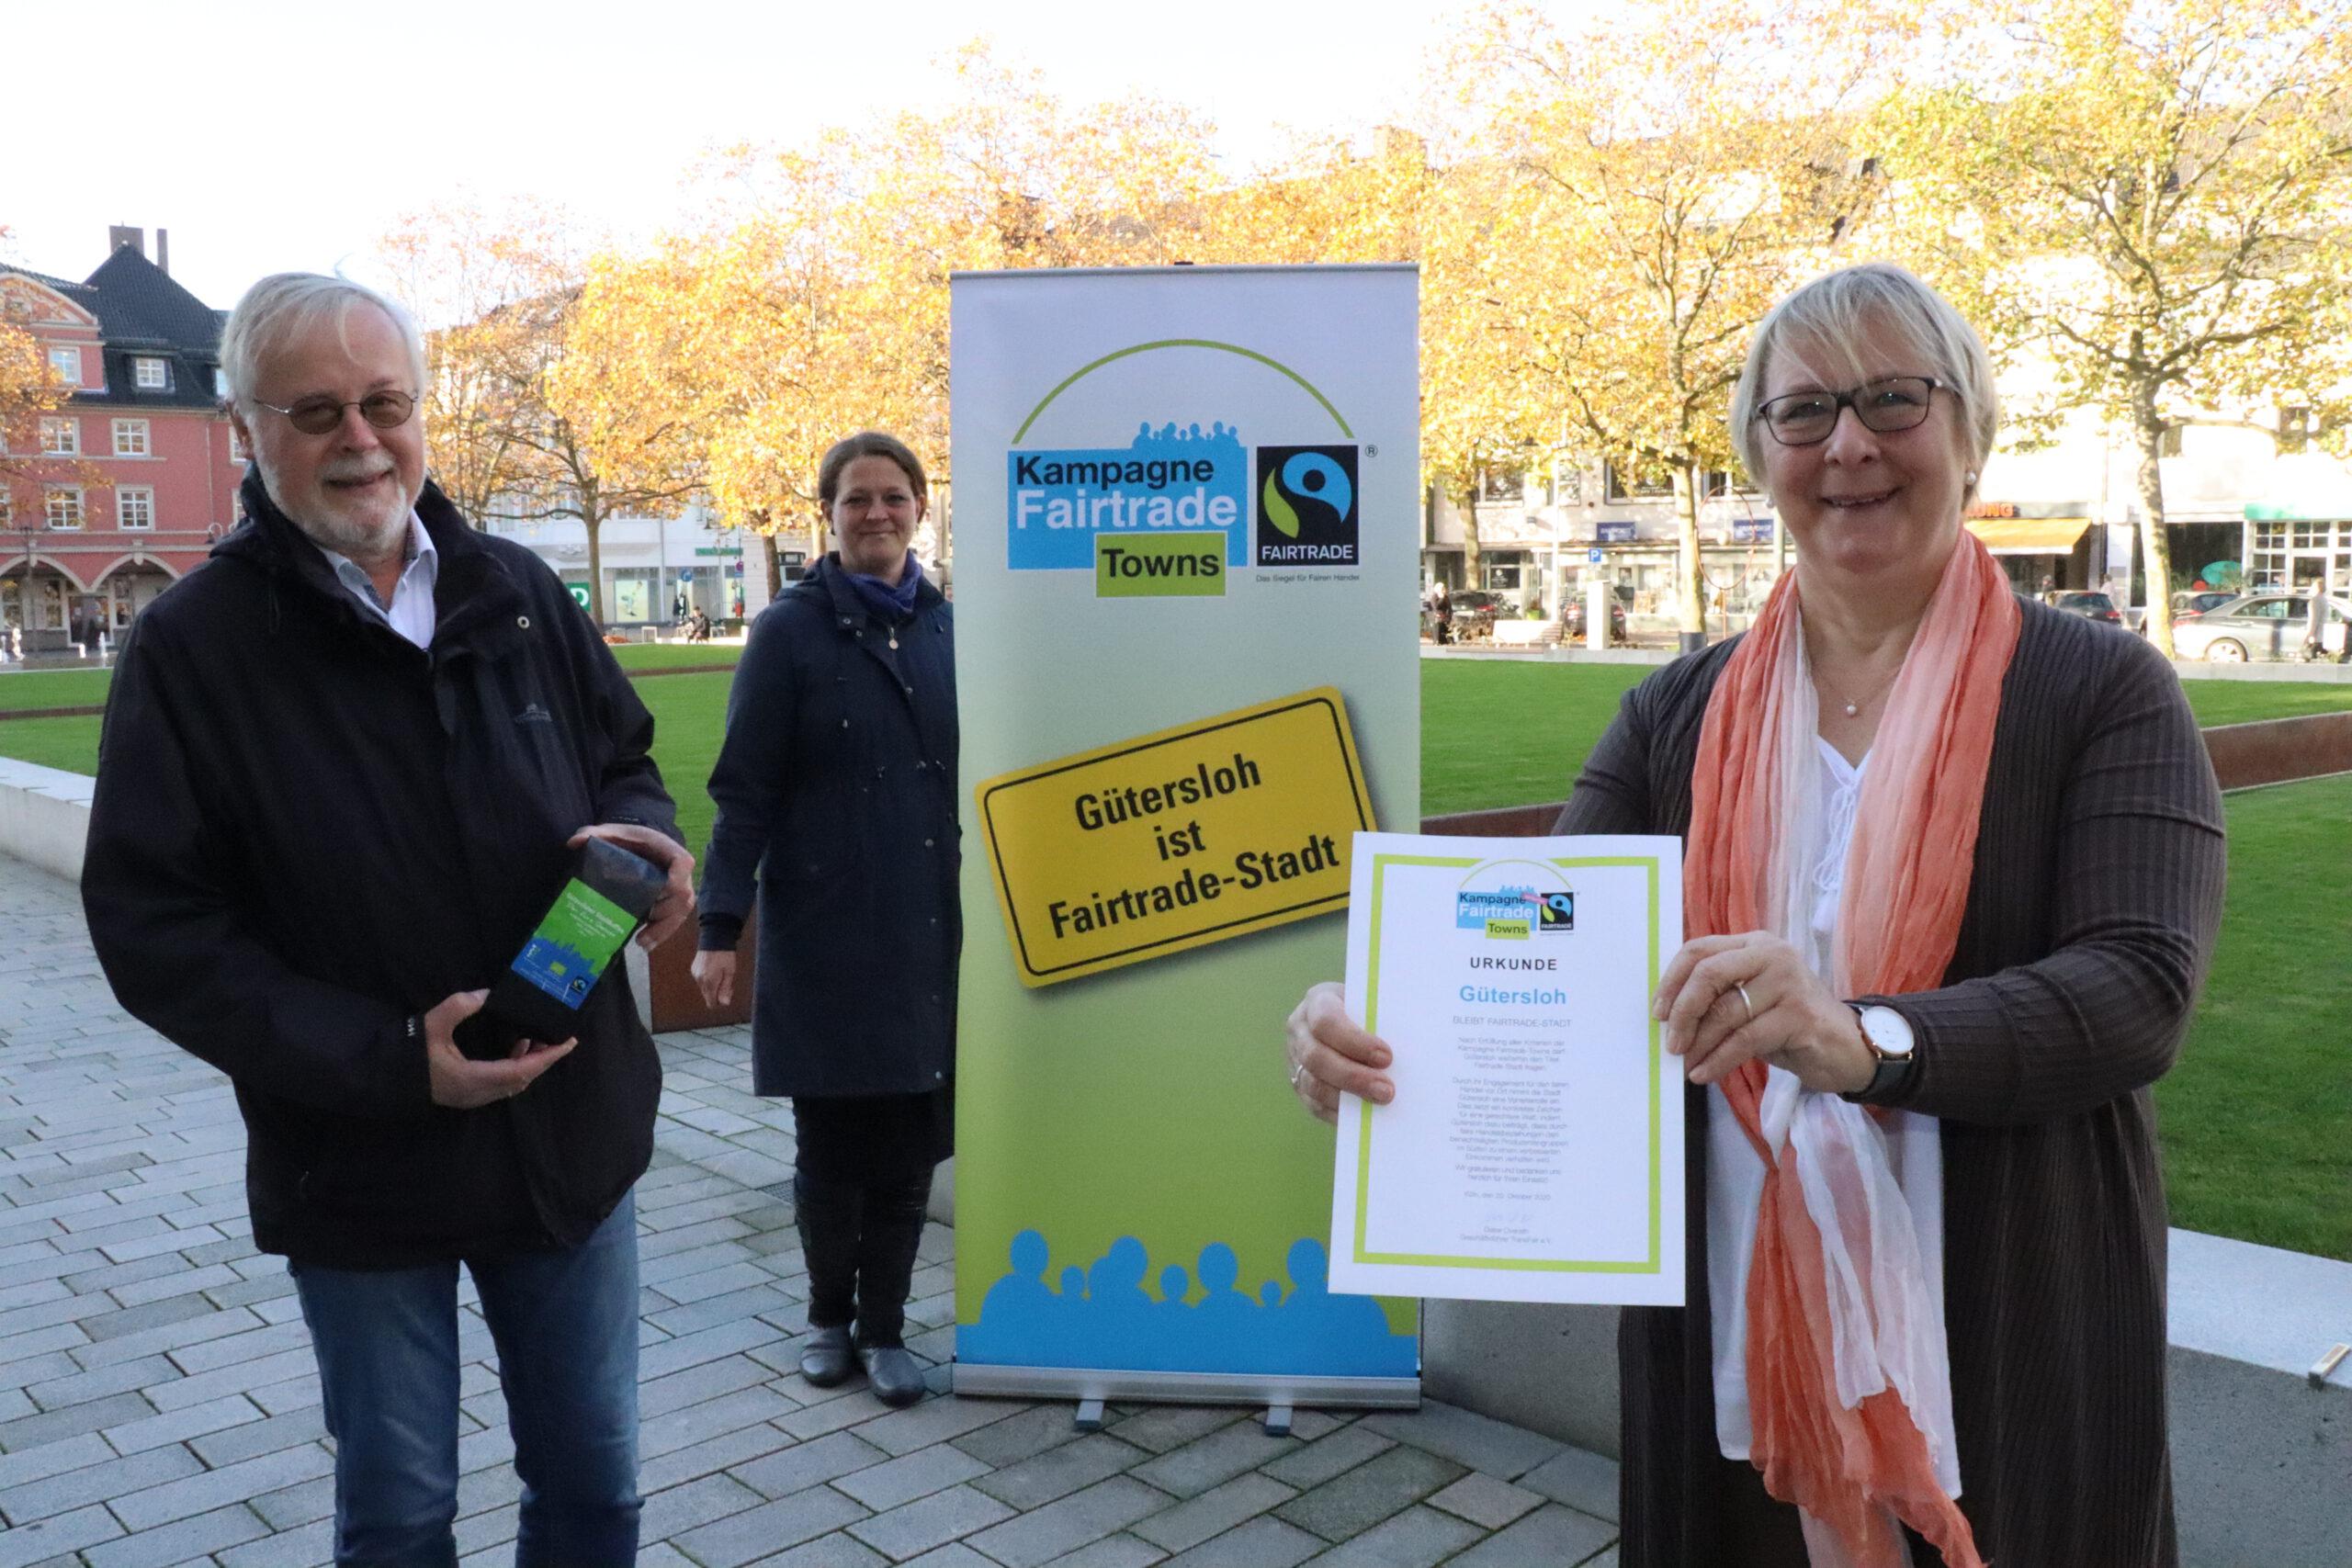 Freude über die erneute Auszeichnung als Fairtrade-Stadt: (von links) Ludger Klein-Ridder (Verein Attac, Regionalgruppe Gütersloh) sowie Sonja Wolters und Gisela Kuhlmann vom städtischen Fachbereich Umweltschutz, wo die Aktivitäten für Gütersloh koordiniert werden.